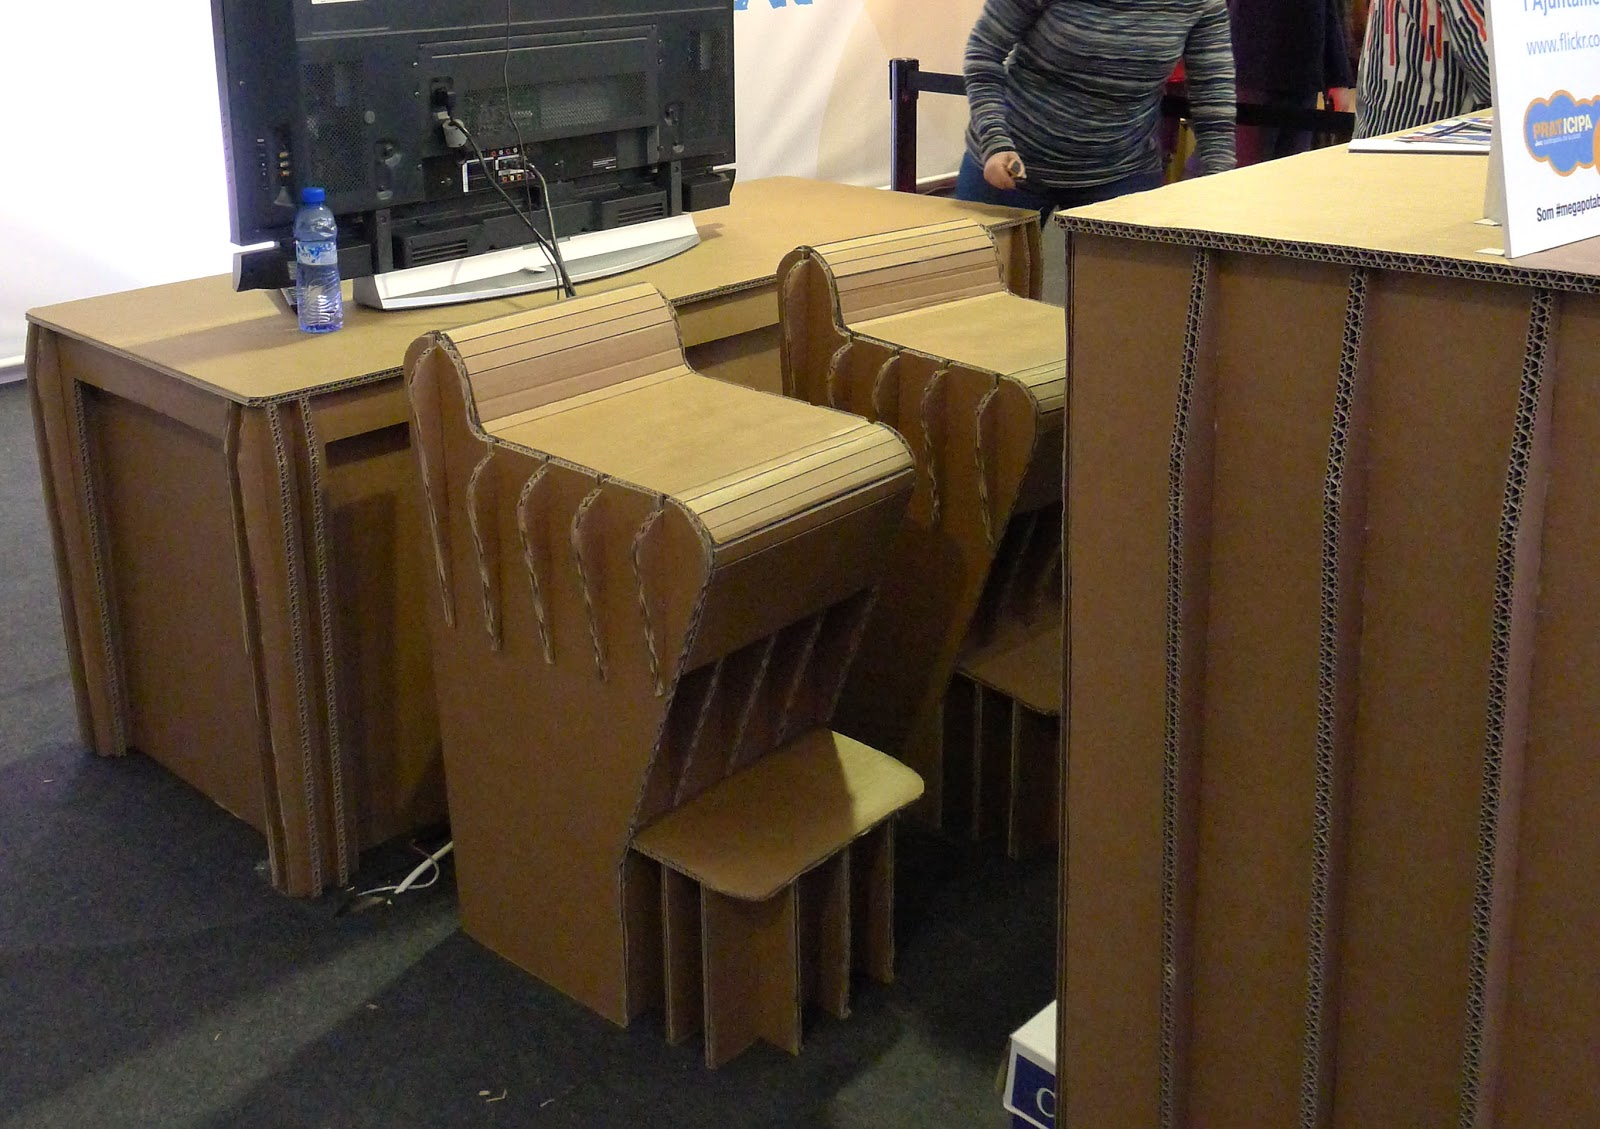 Dise a y crea tus muebles con cart n cadaver exquisit for Muebles de carton precios